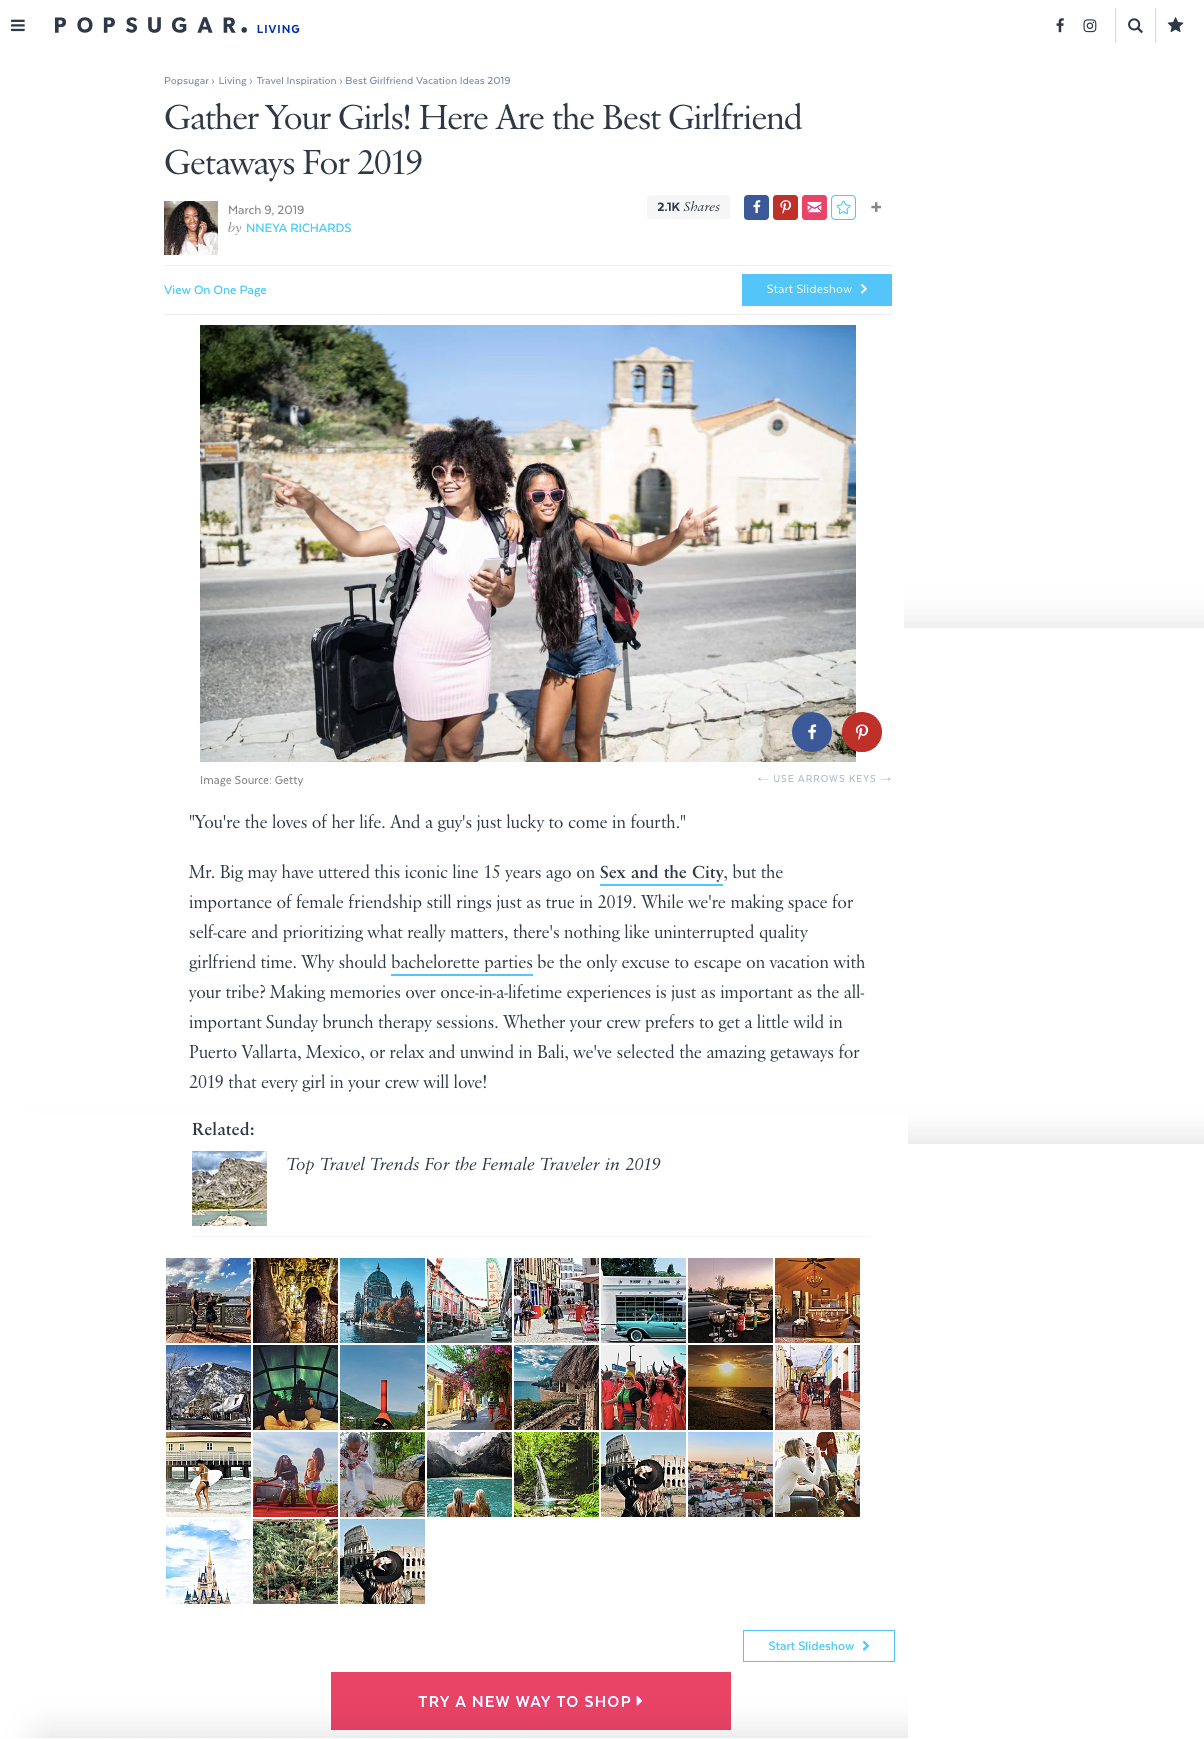 Popsugar.com March 2019